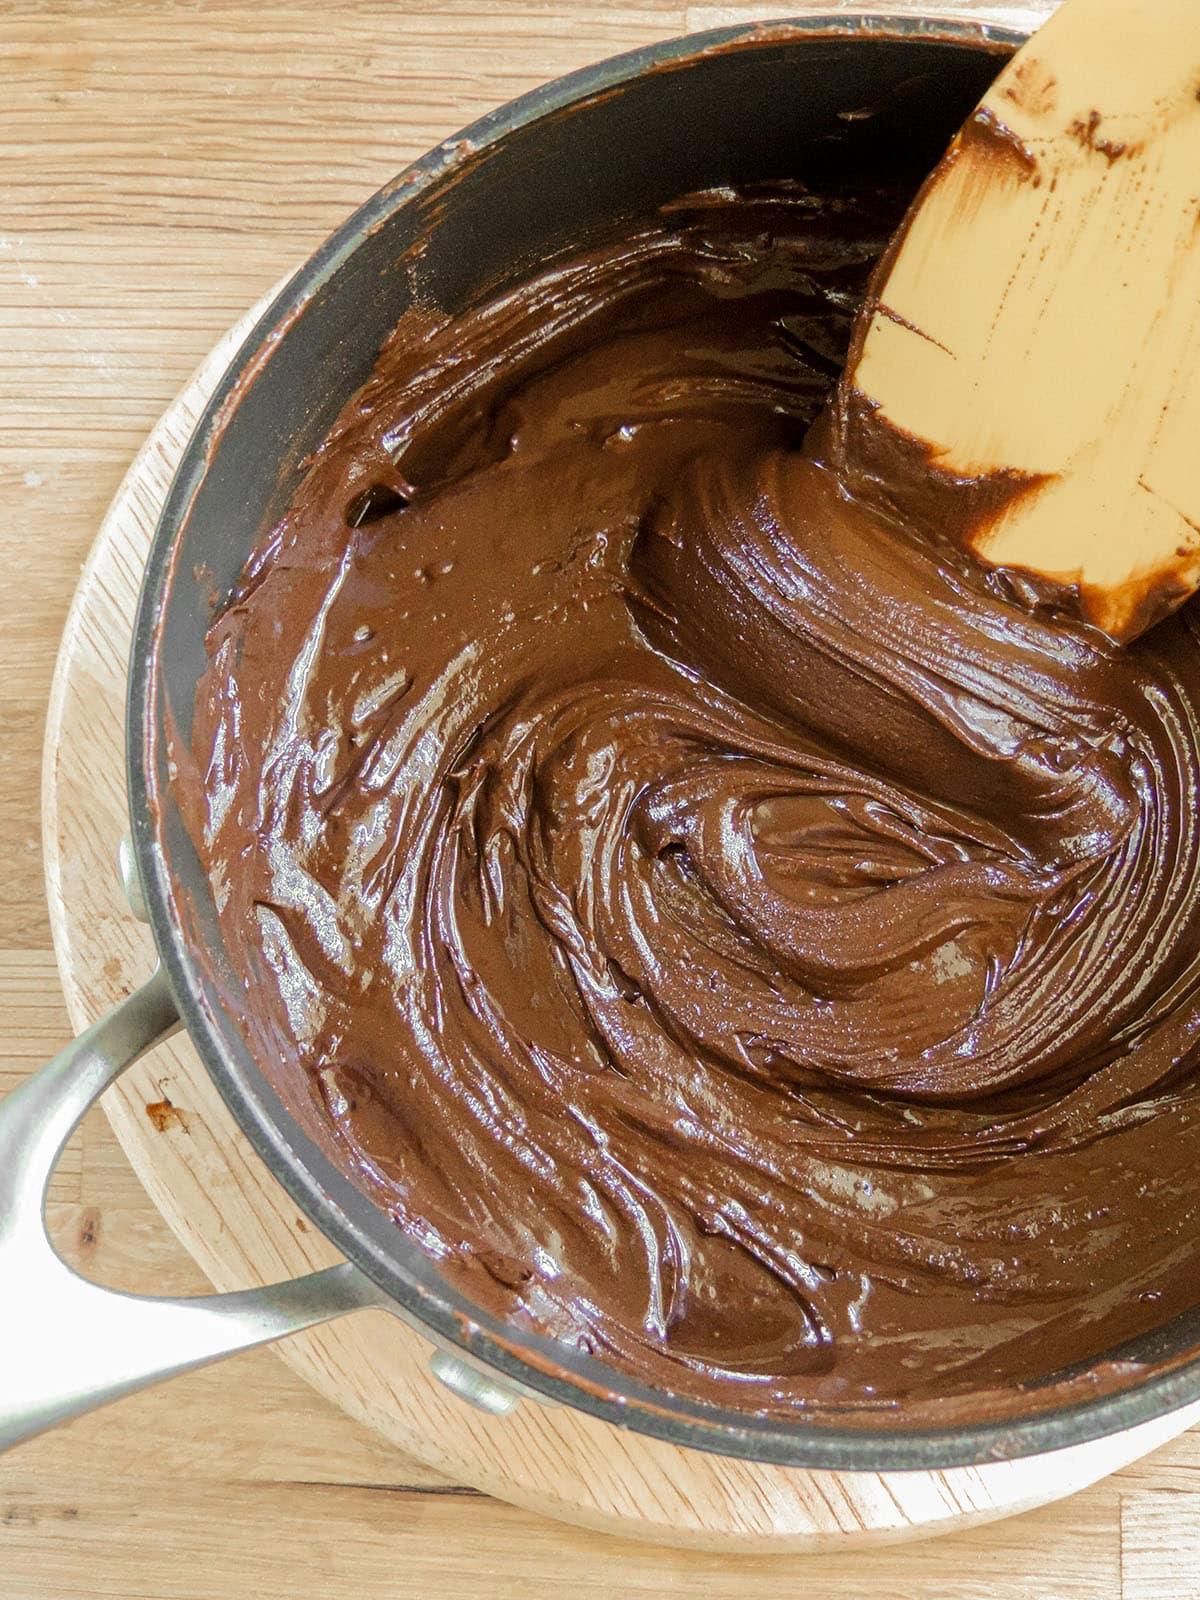 brownie cookie batter in a saucepan